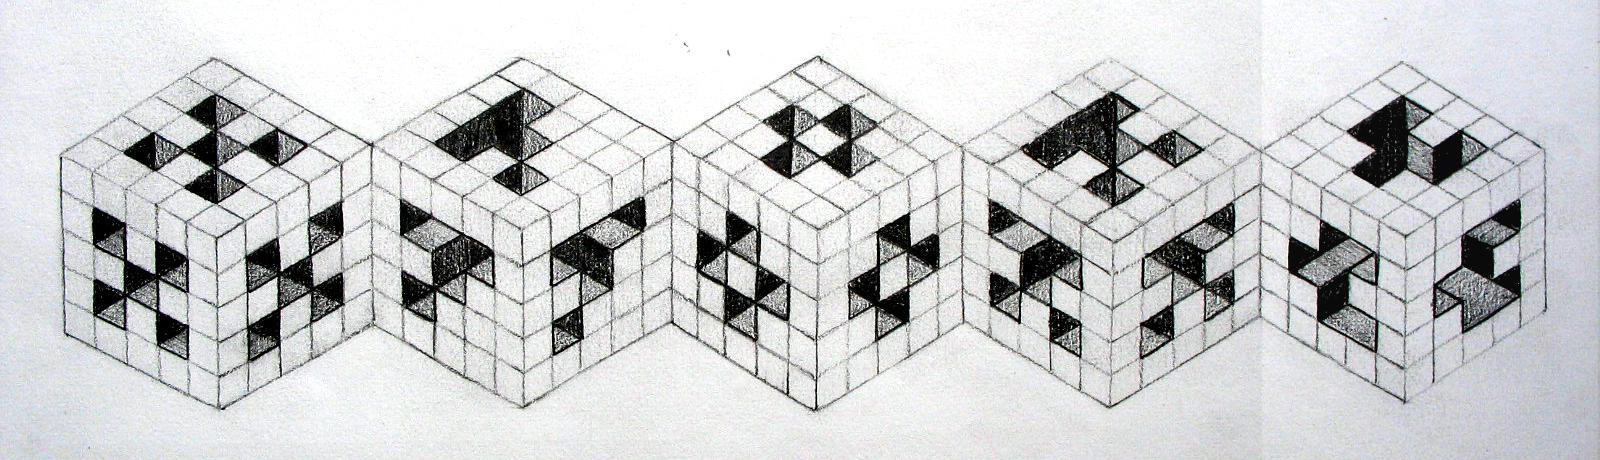 xpome_kuben pixel sketch